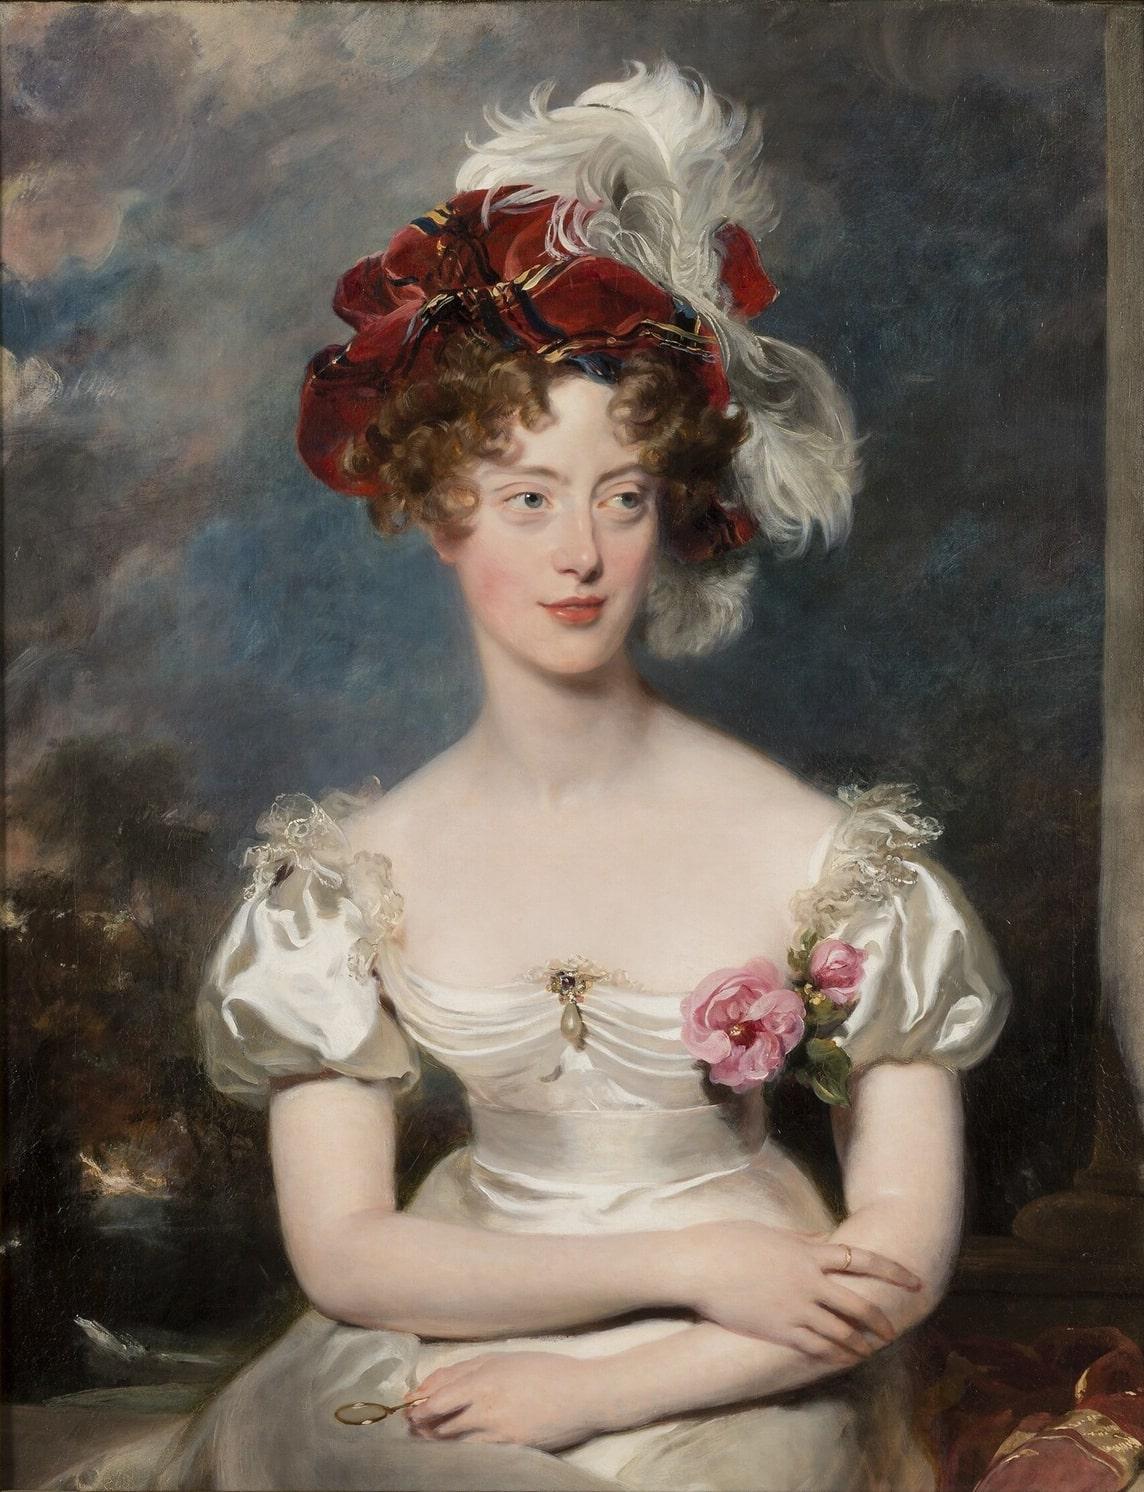 María Carolina de Borbón-Dos Sicilias